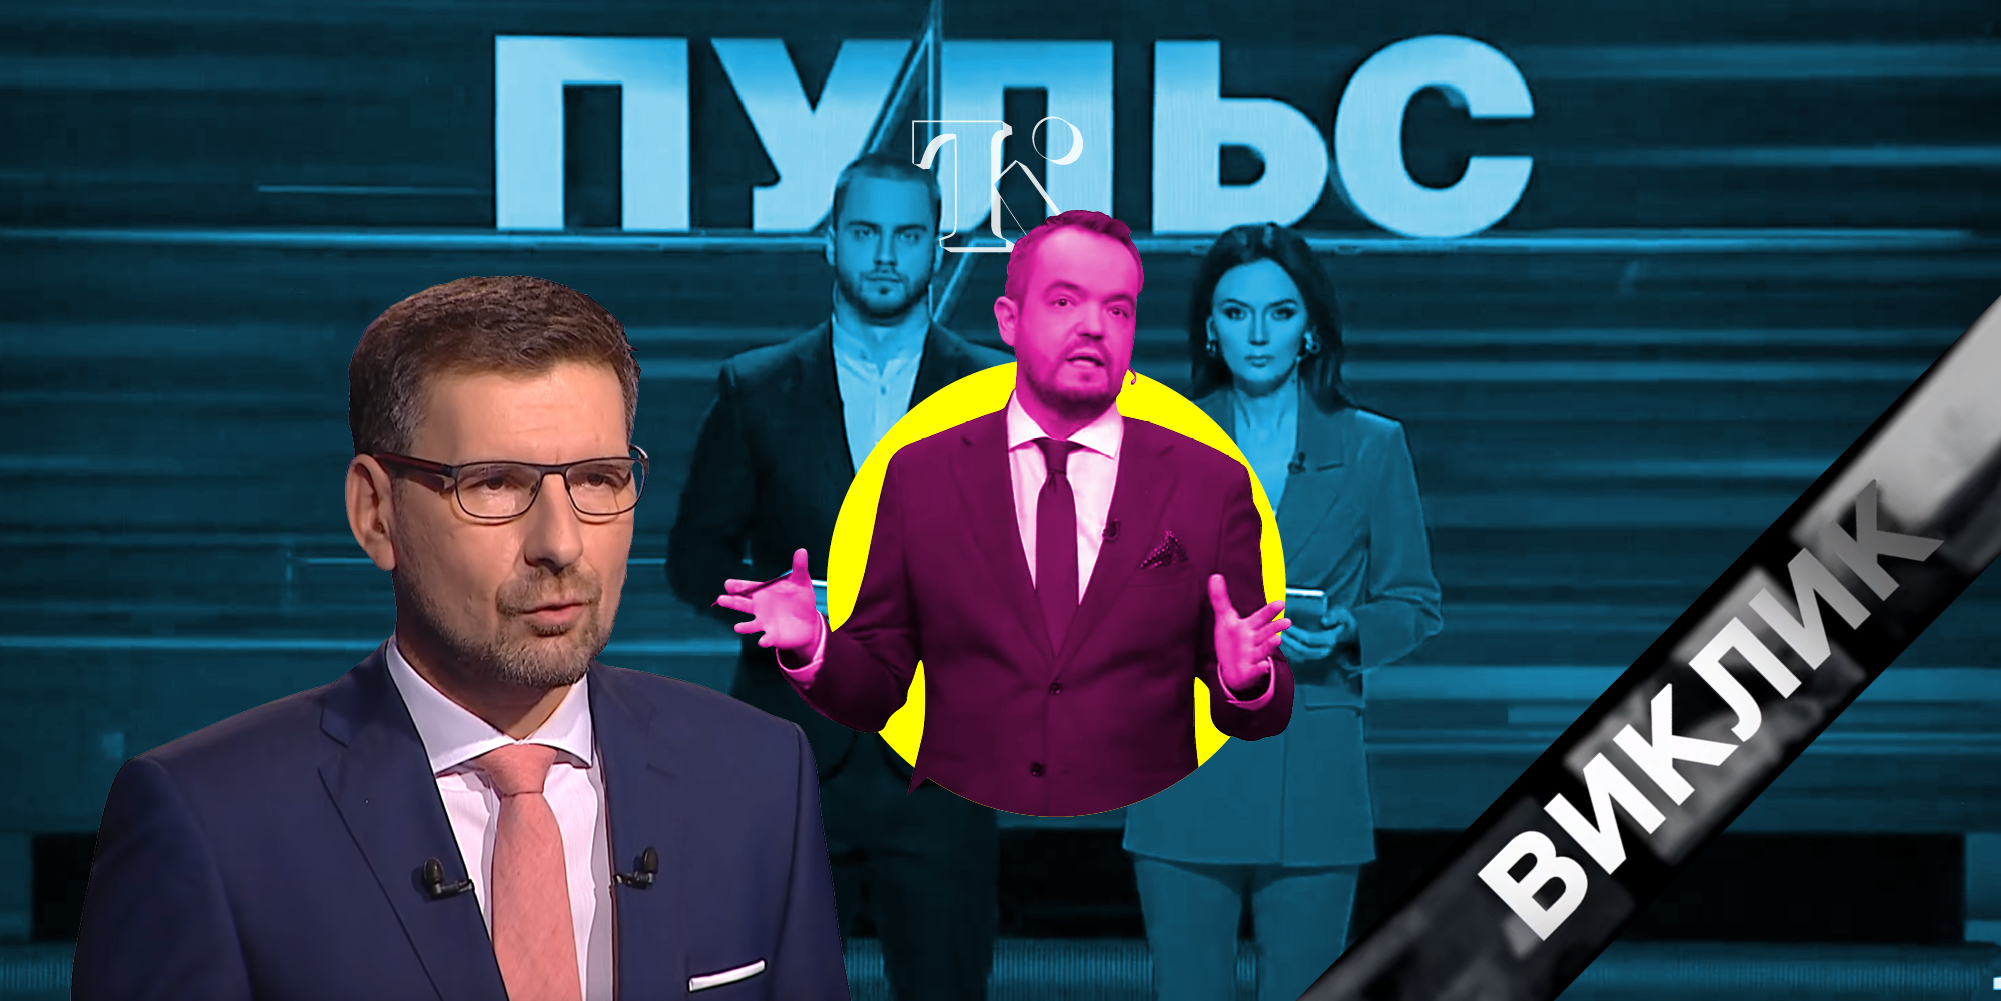 Как политические ток-шоу превратились в маппет-шоу, а их участники – во фриков